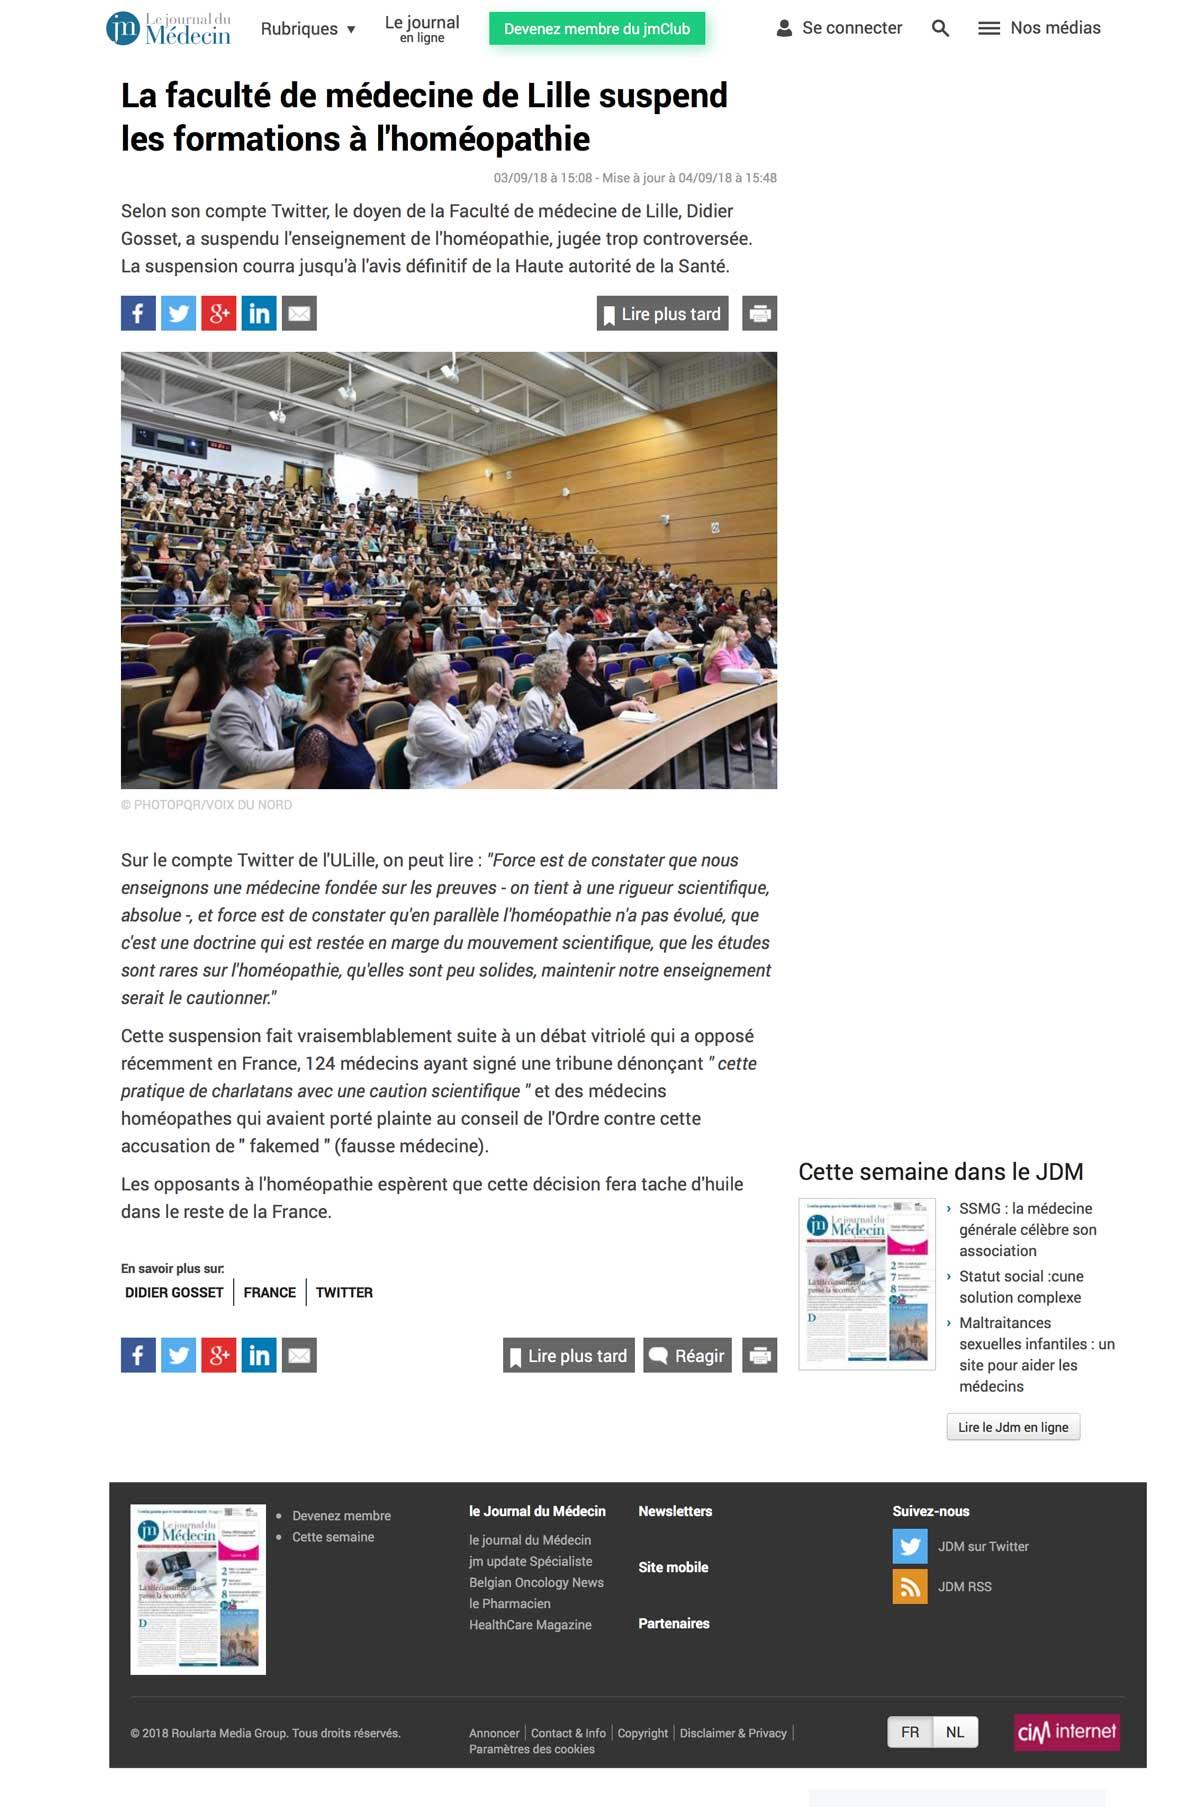 La-faculte-de-medecine-de-Lille-suspend-les-formations-a-l'homeopathie---Actualite-le-Journal-du-Medecin.com-S